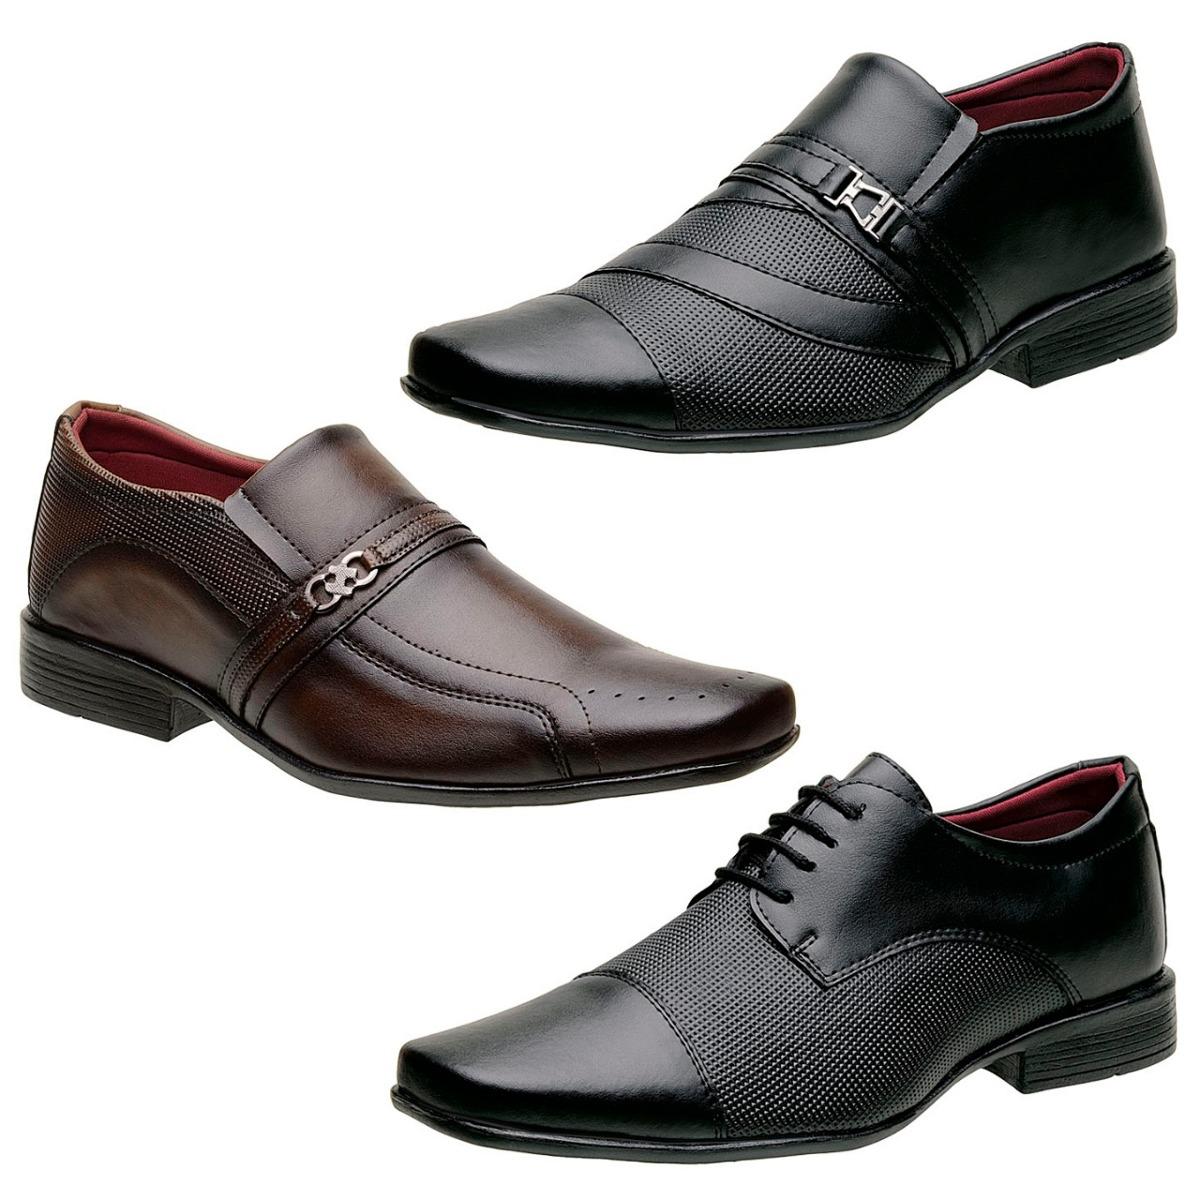 1904e69468 Kit 3 Sapatos Sociais Masculinos 1 Marrom E 2 Pretos - R$ 159,90 em ...